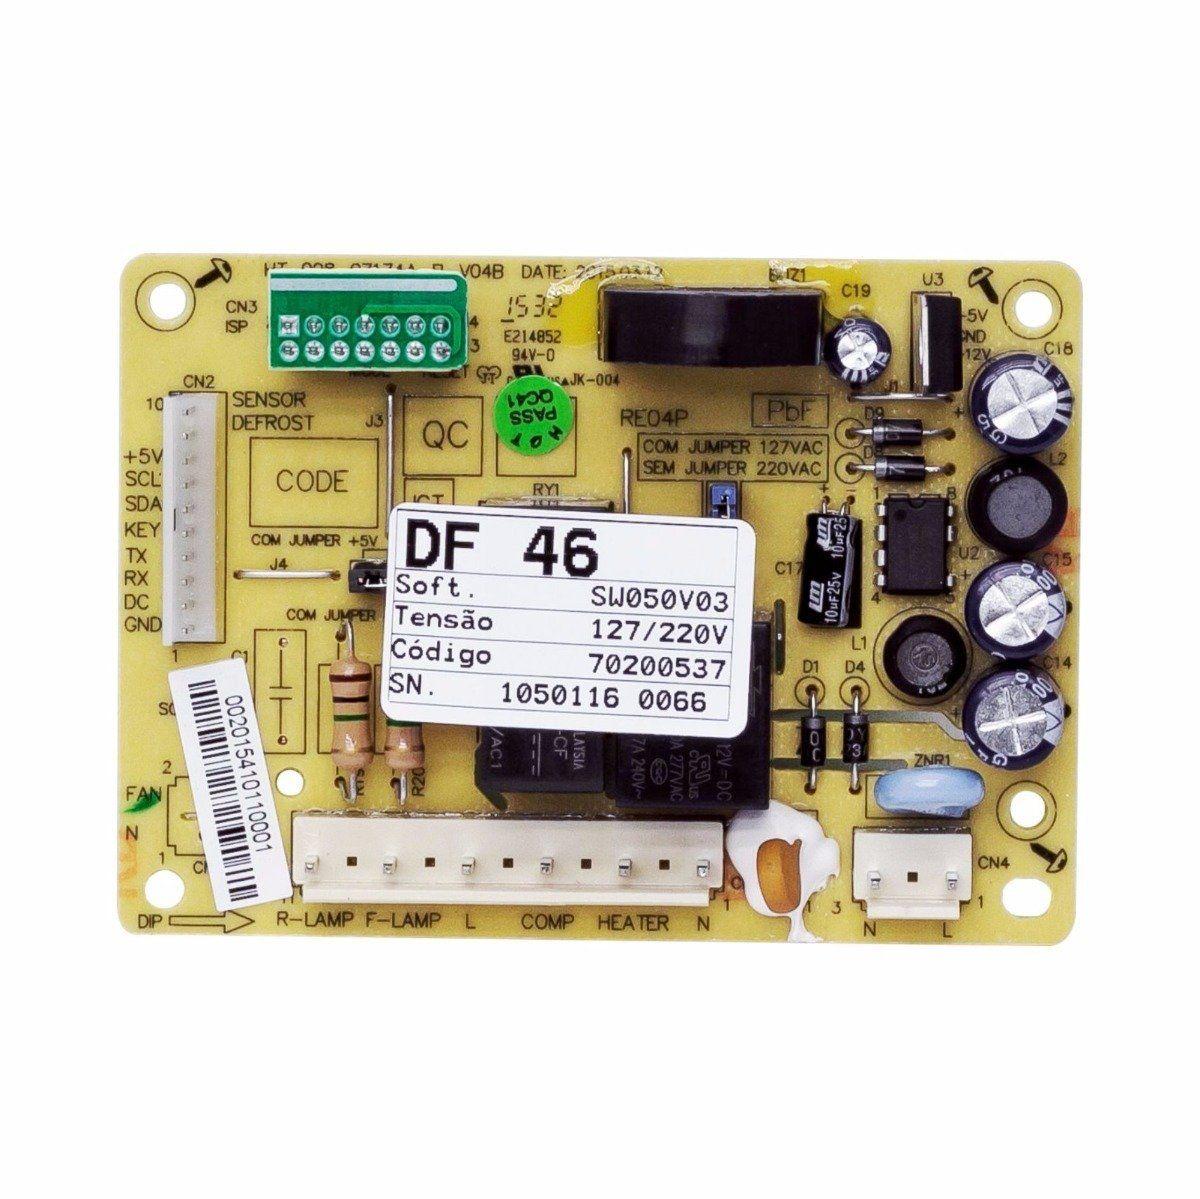 Placa Potencia Geladeira Electrolux Df46 Df49 70200537 ORIGINAL